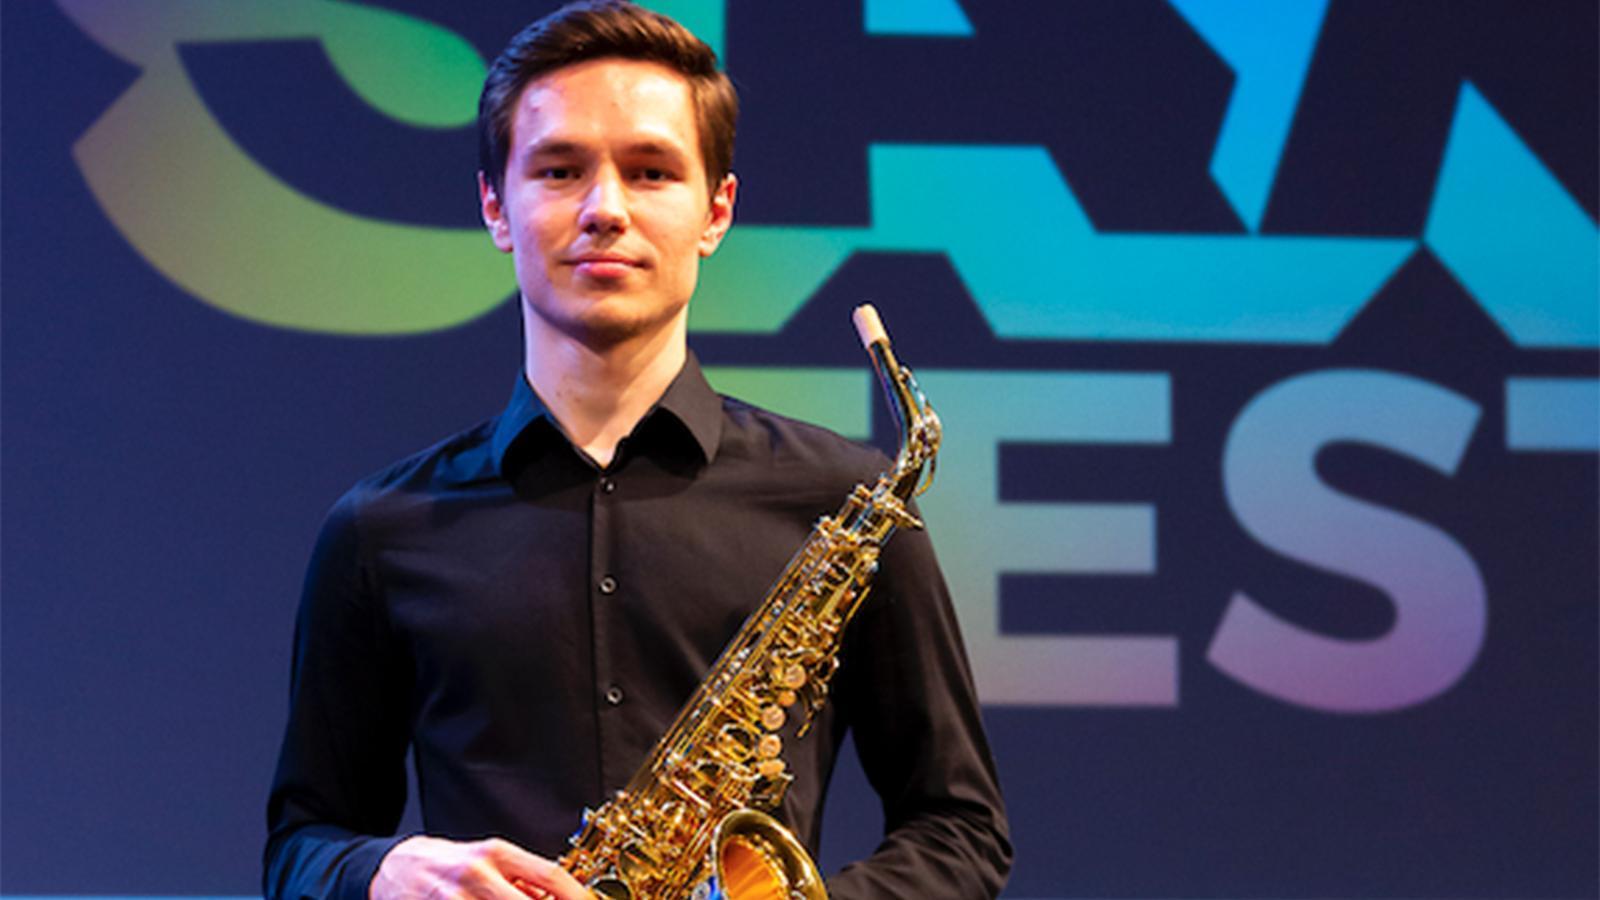 Valemtin Kokalev, guanyador del 6è Concurs Internacional de Saxo d'Andorra. / ANDORRA SAX FEST